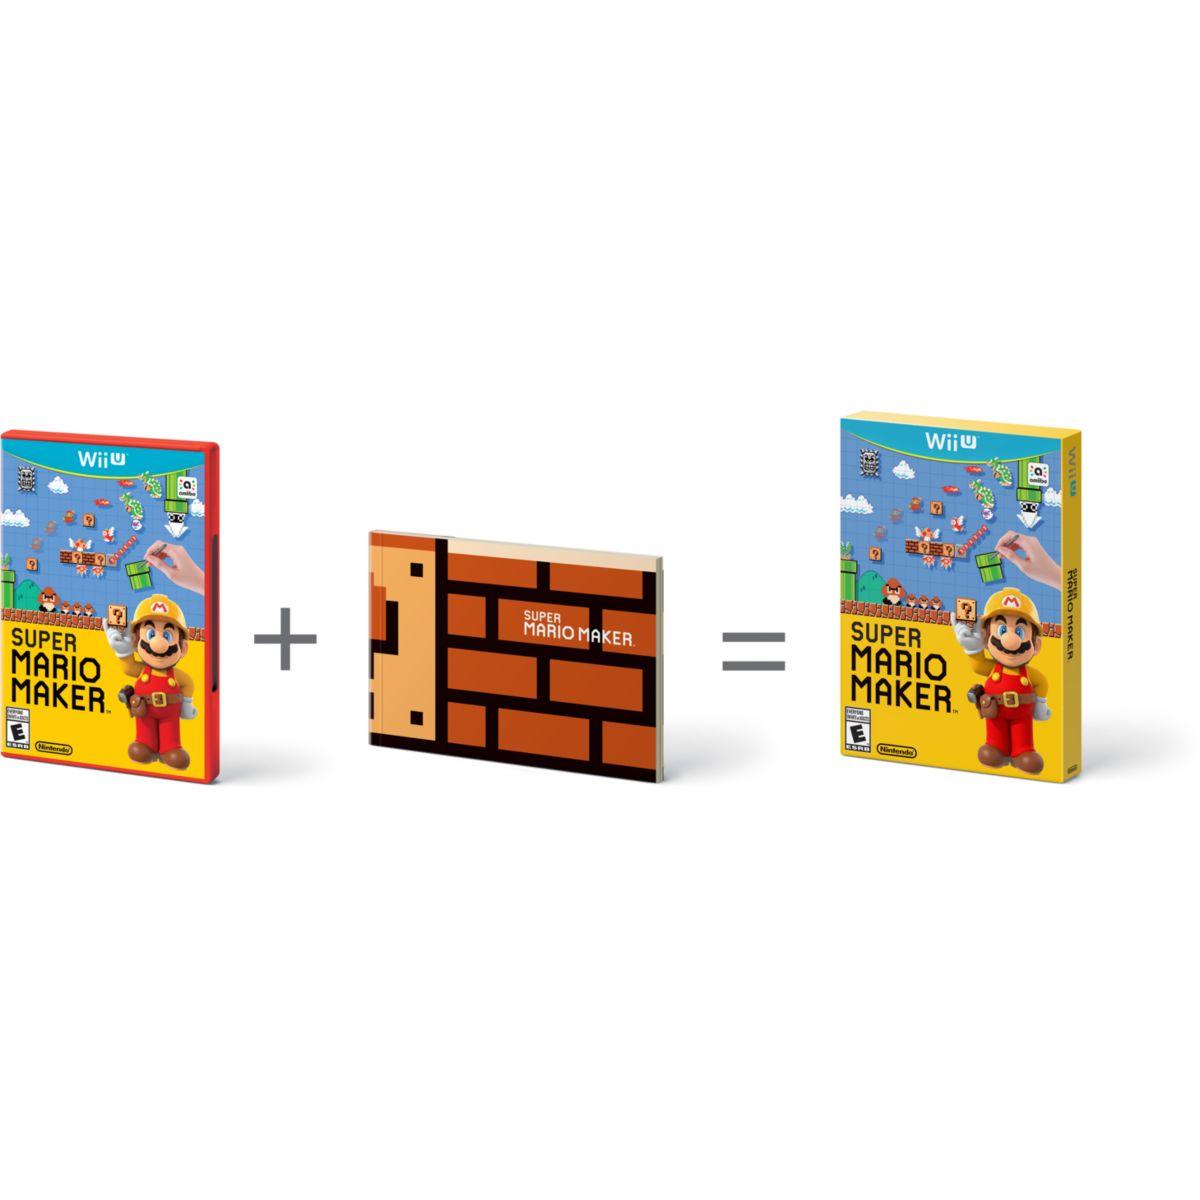 Jeu wii u nintendo super mario maker + artbook - 3% de remise immédiate avec le code : multi3